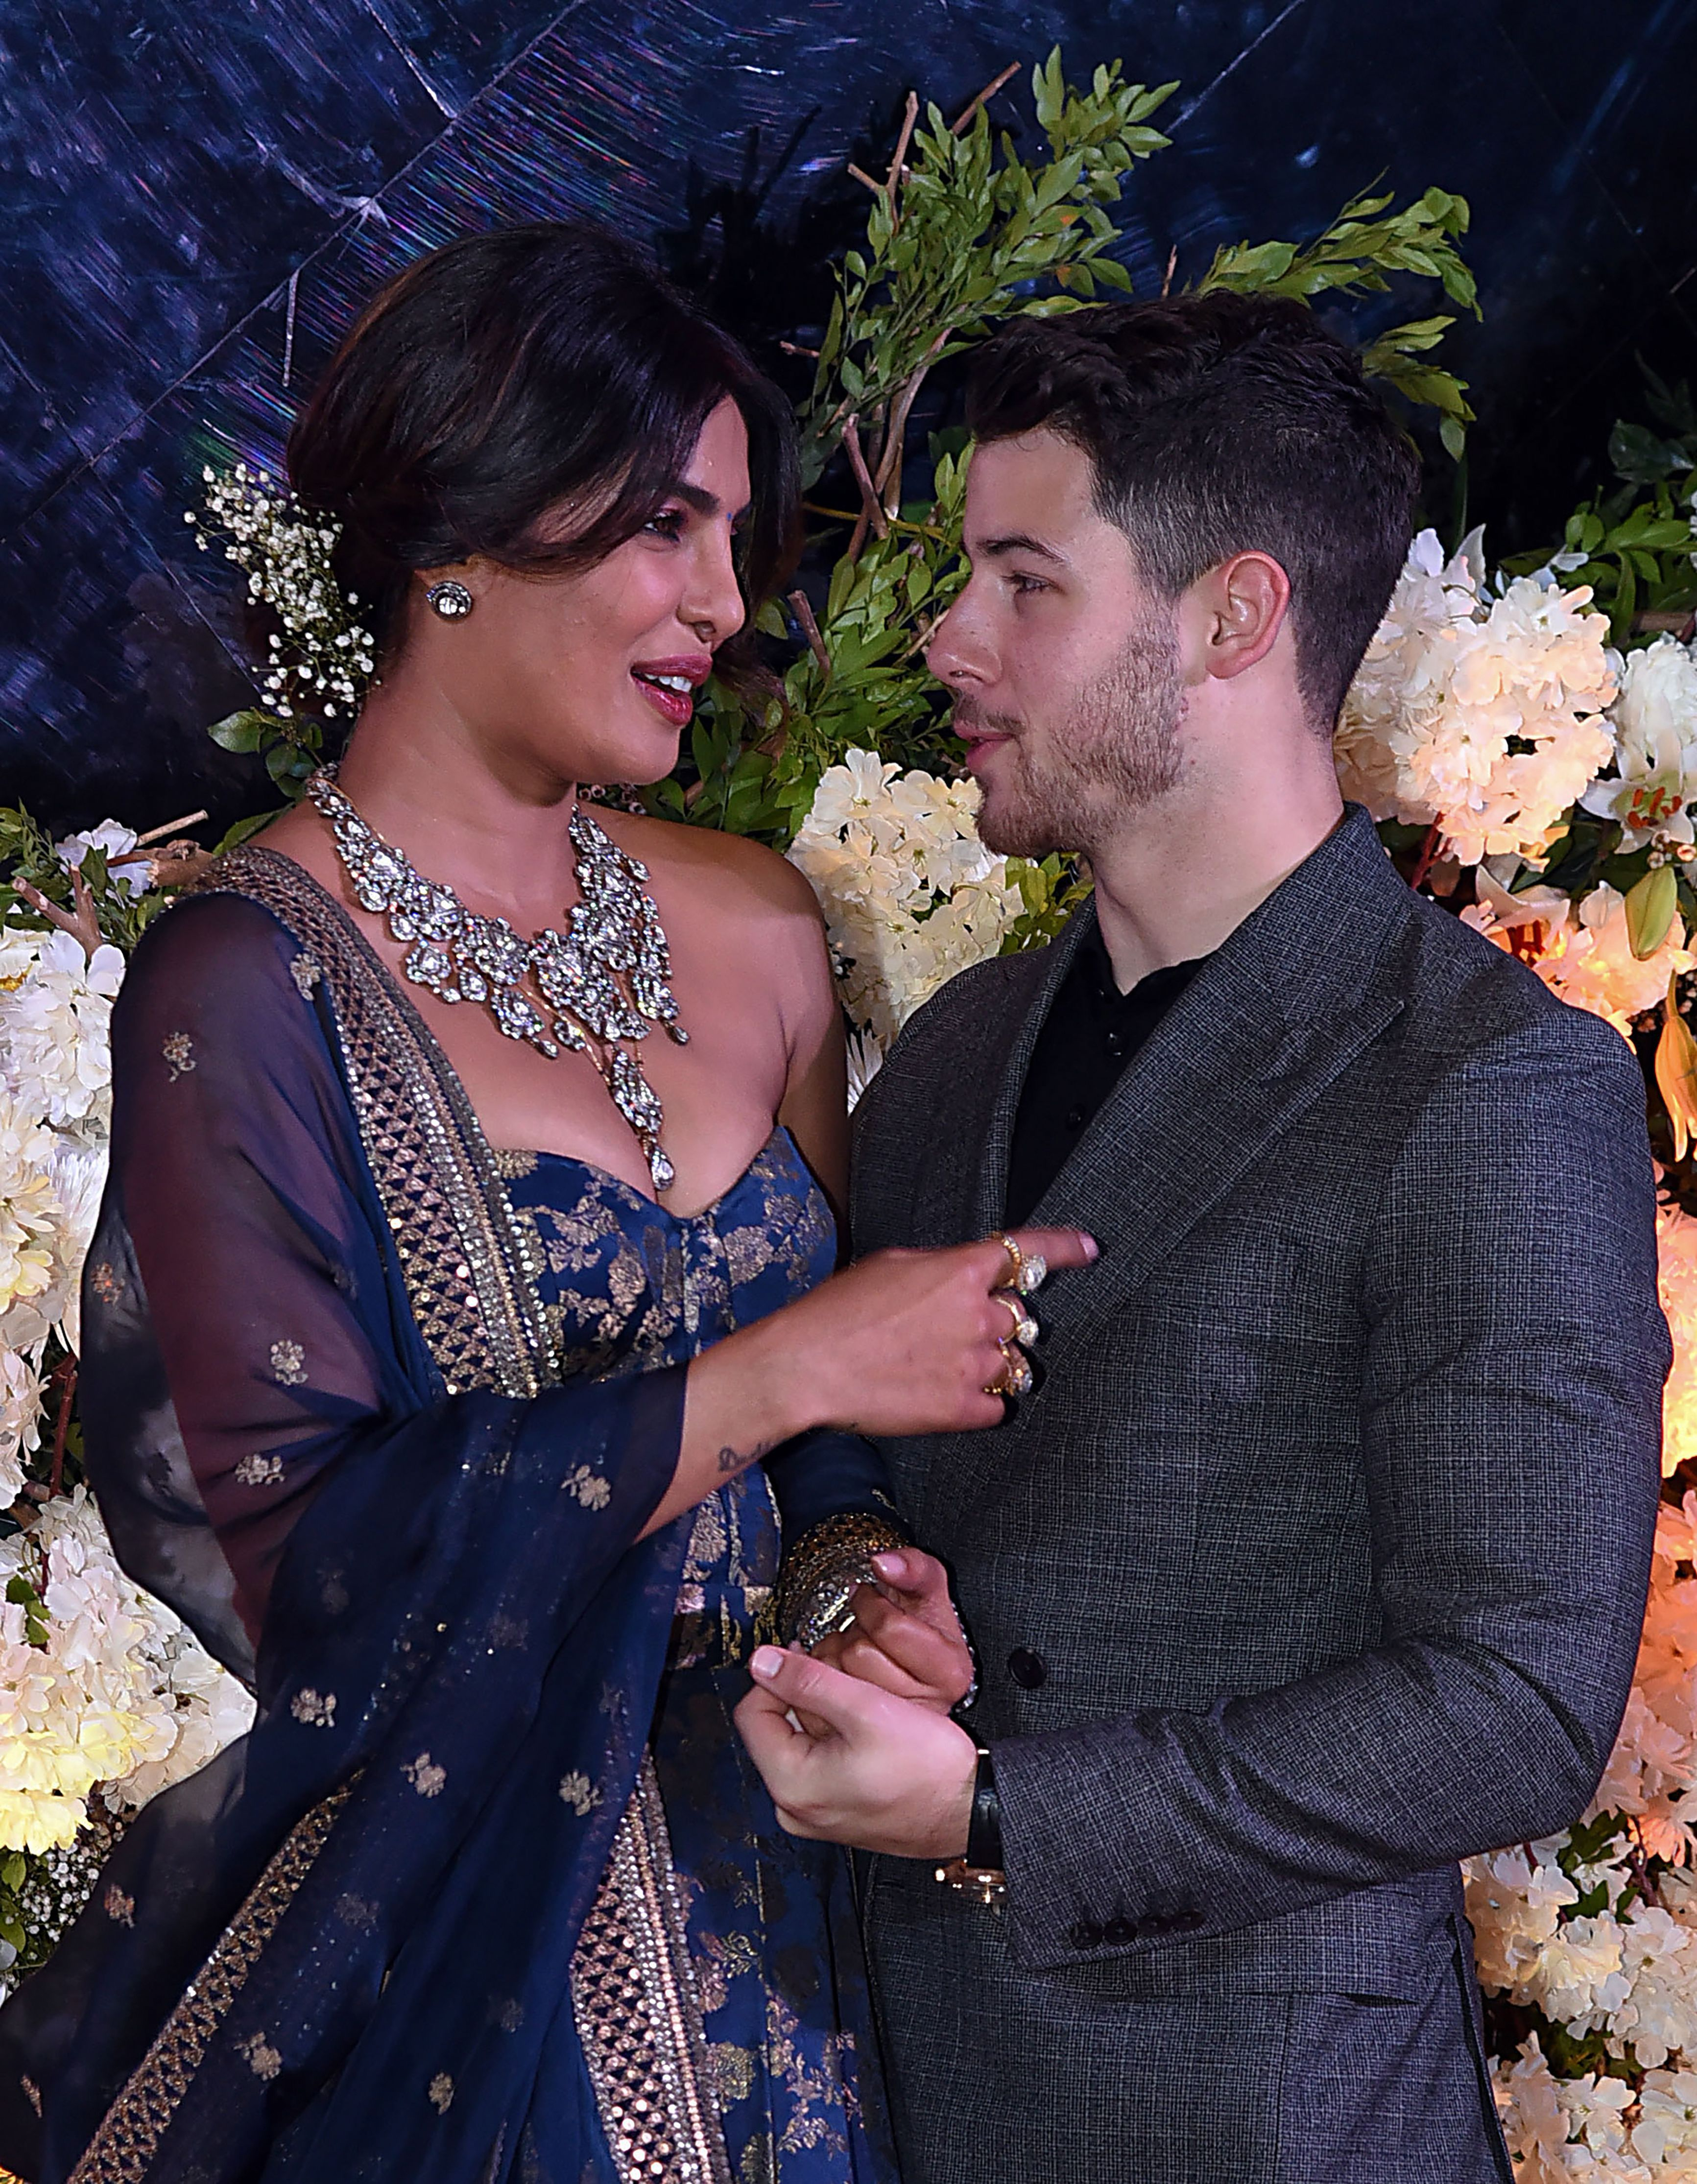 Penampilan Priyanka Chopra sangat memukau dengan kalung berlian super besarnya (dok. Elle)